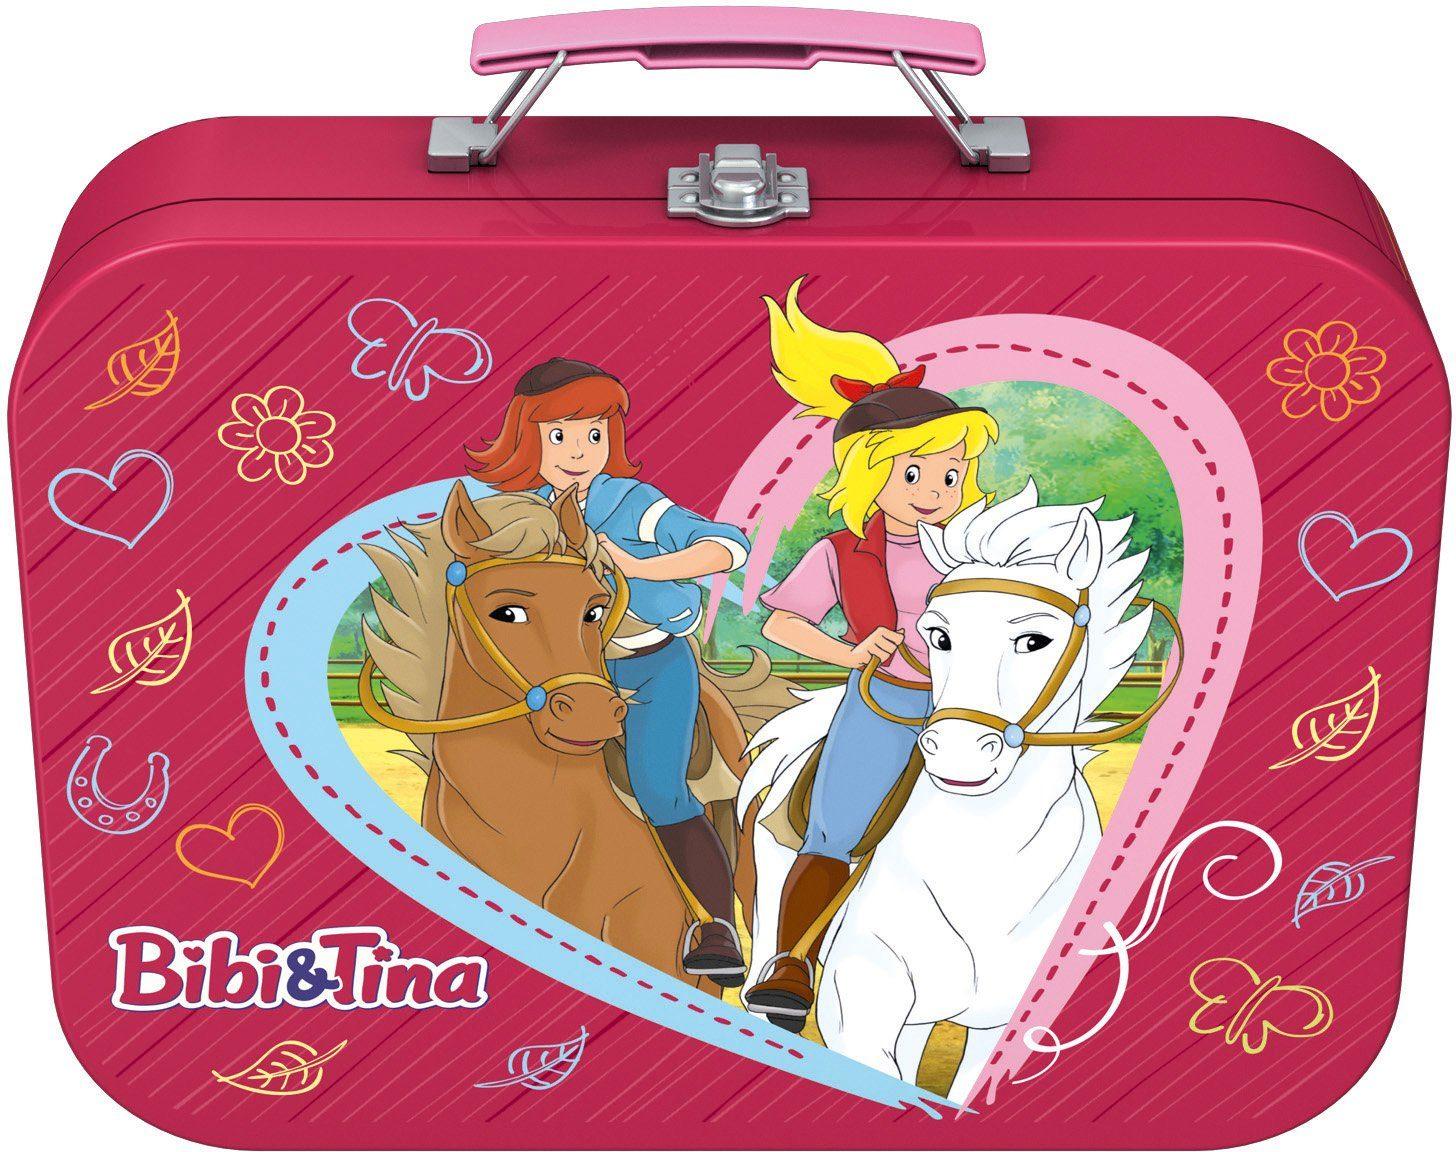 Schmidt Spiele Kinderpuzzleset mit 2x100 und 2x150 Teilen, »Puzzlebox im Metallkoffer, Bibi + Tina«